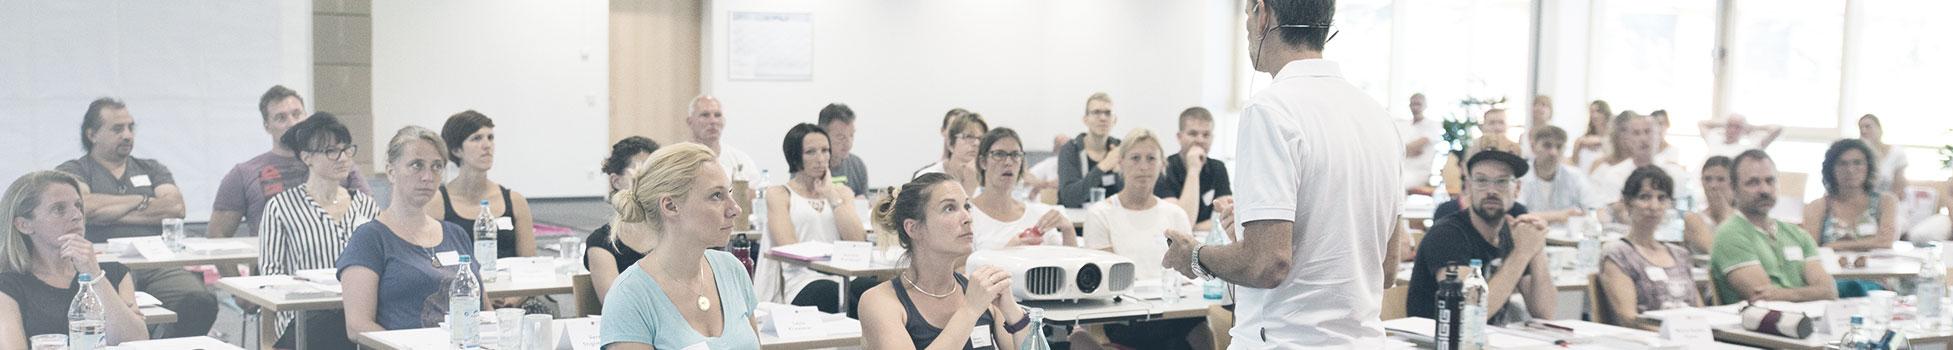 In einem Seminarraum hören viele Personen (vornehmlich Frauen) dem Vortragenden aufmerksam zu.